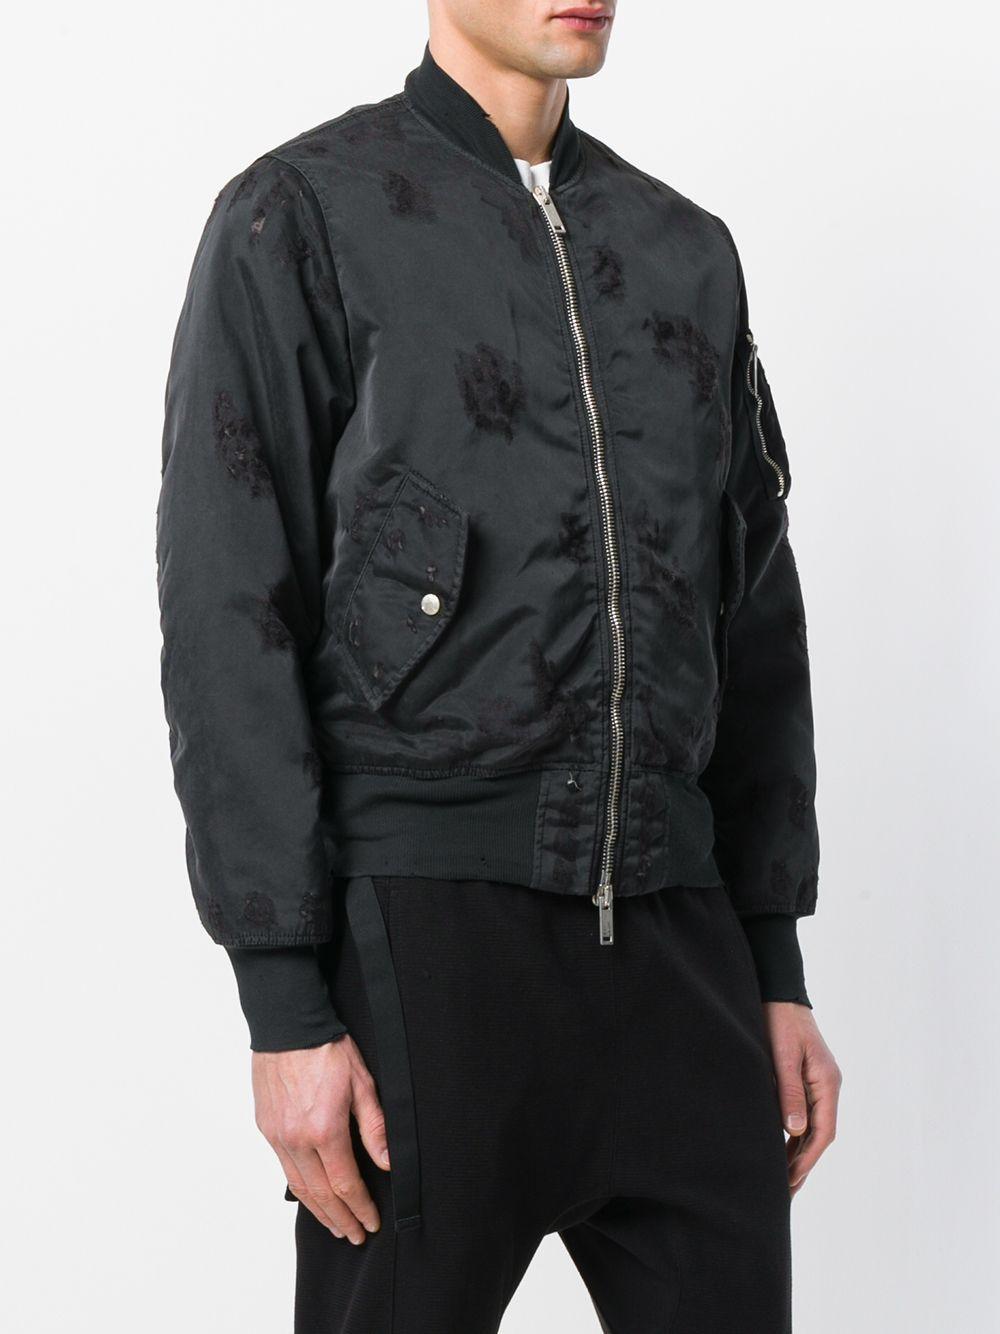 Unravel Project Synthetisch Distressed Basic Bomber Jacket in het Zwart voor heren